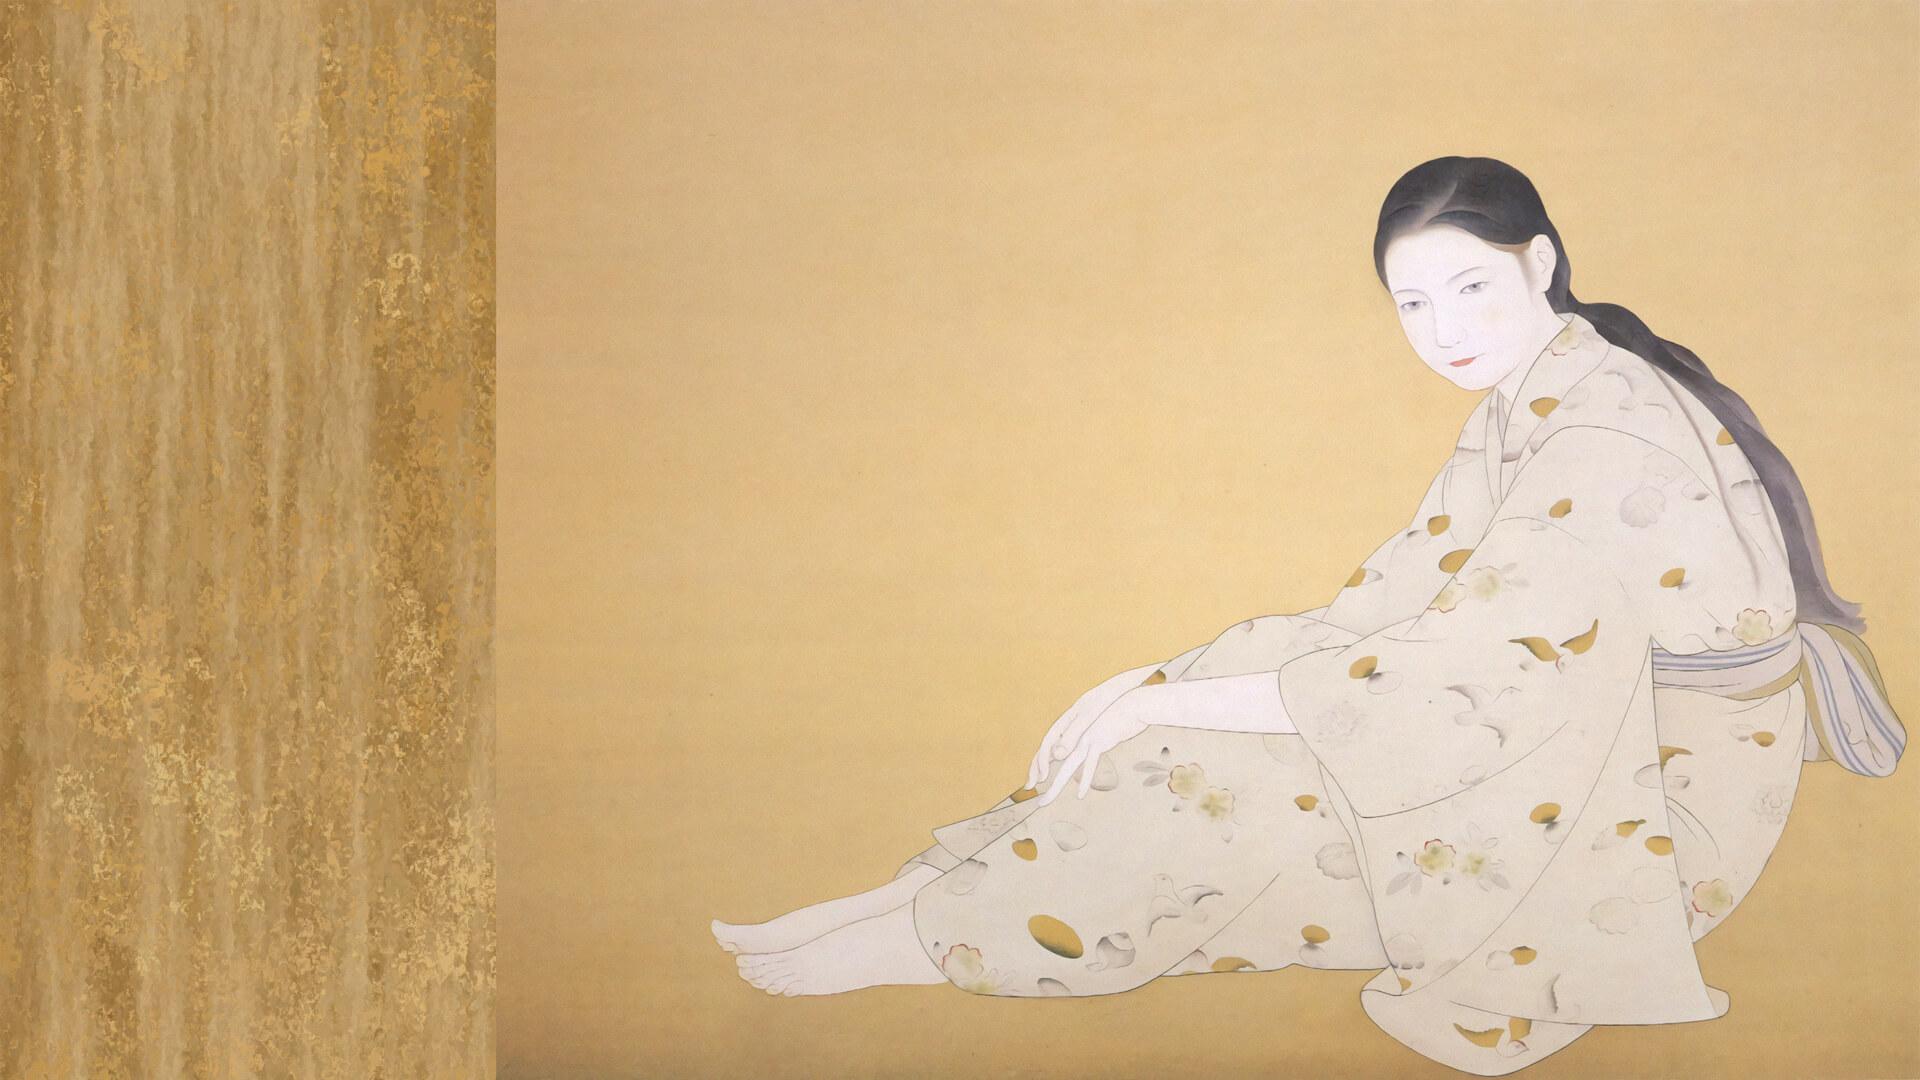 kikuchi keigetsu-syoujo_1920x1080